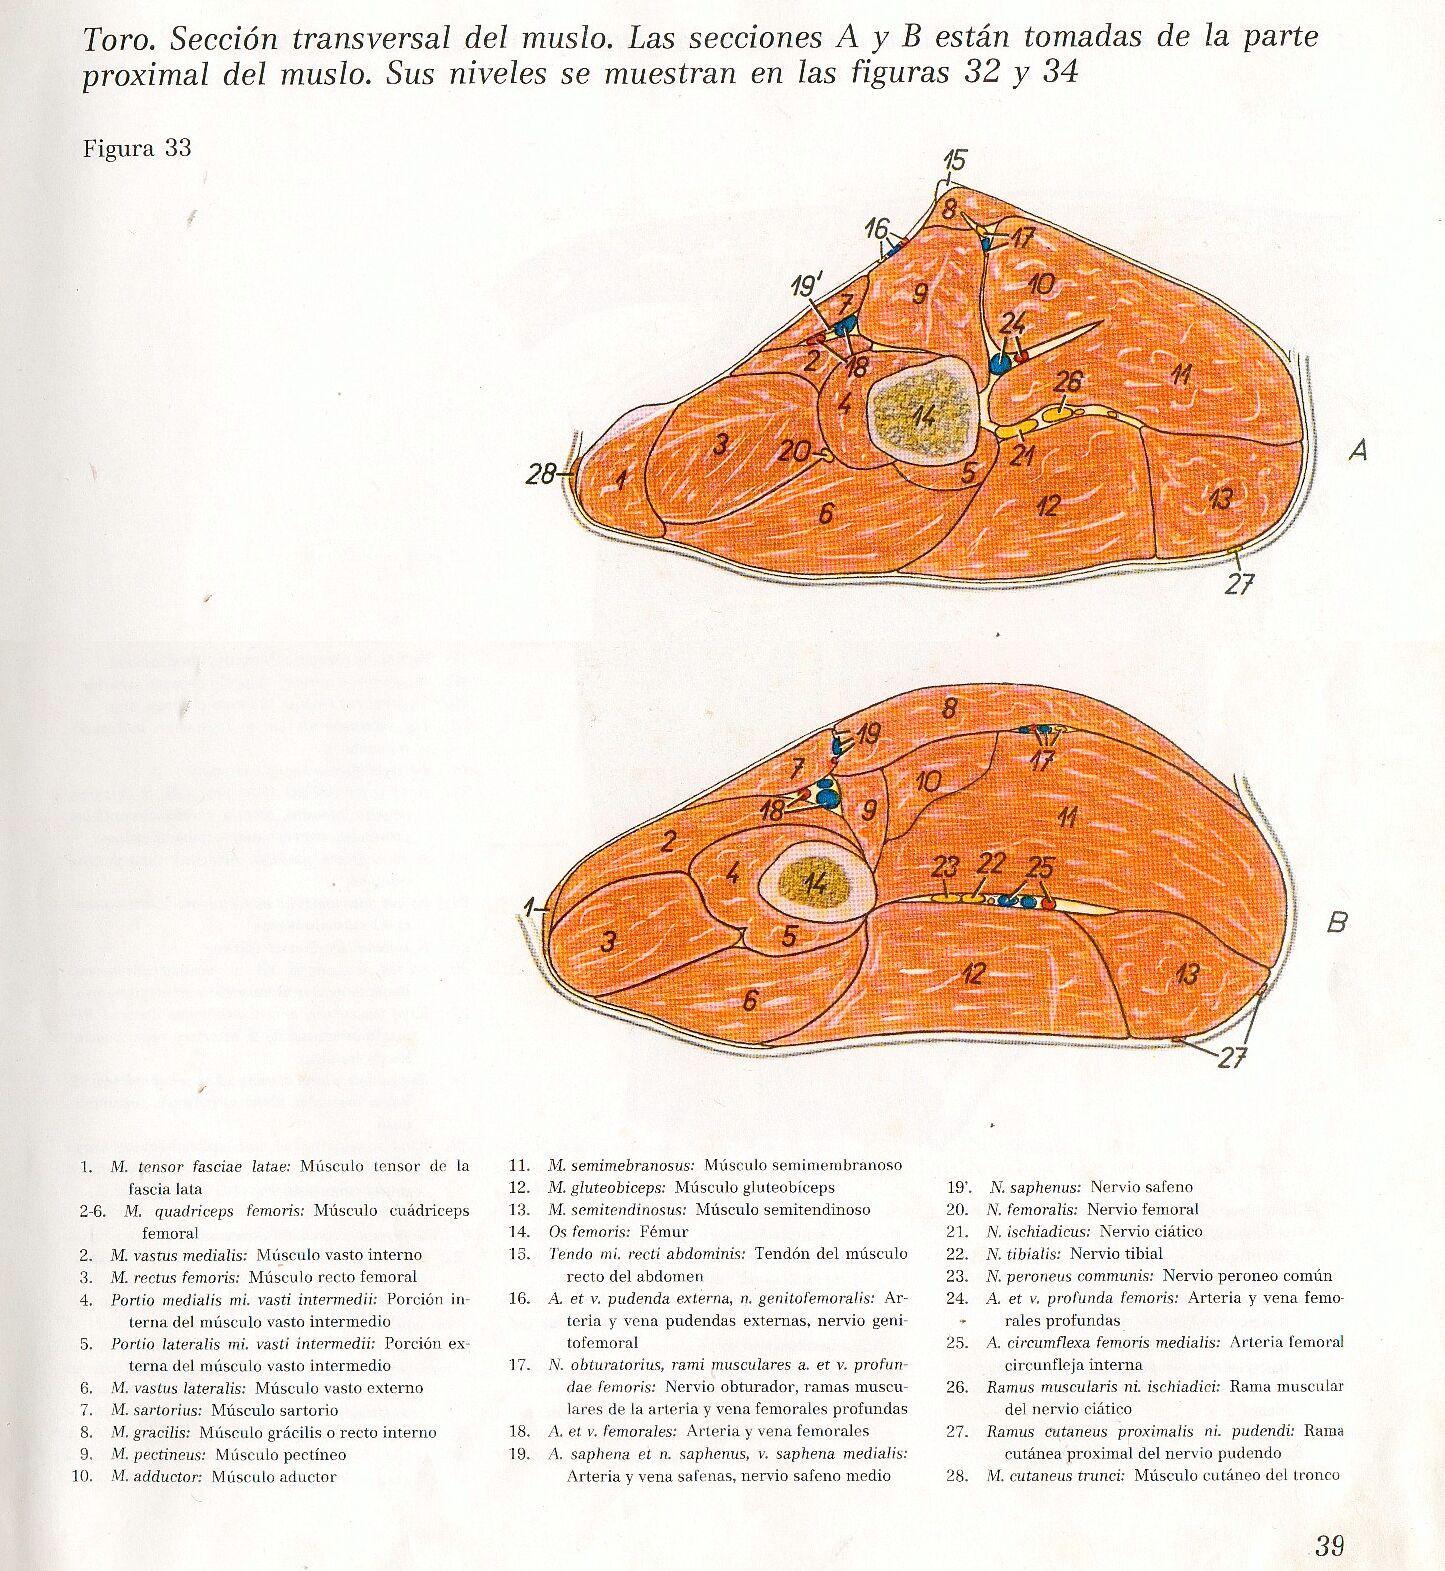 Anatomia Veterinaria: Miembro Pelviano (Toro) | Ejercicios ...